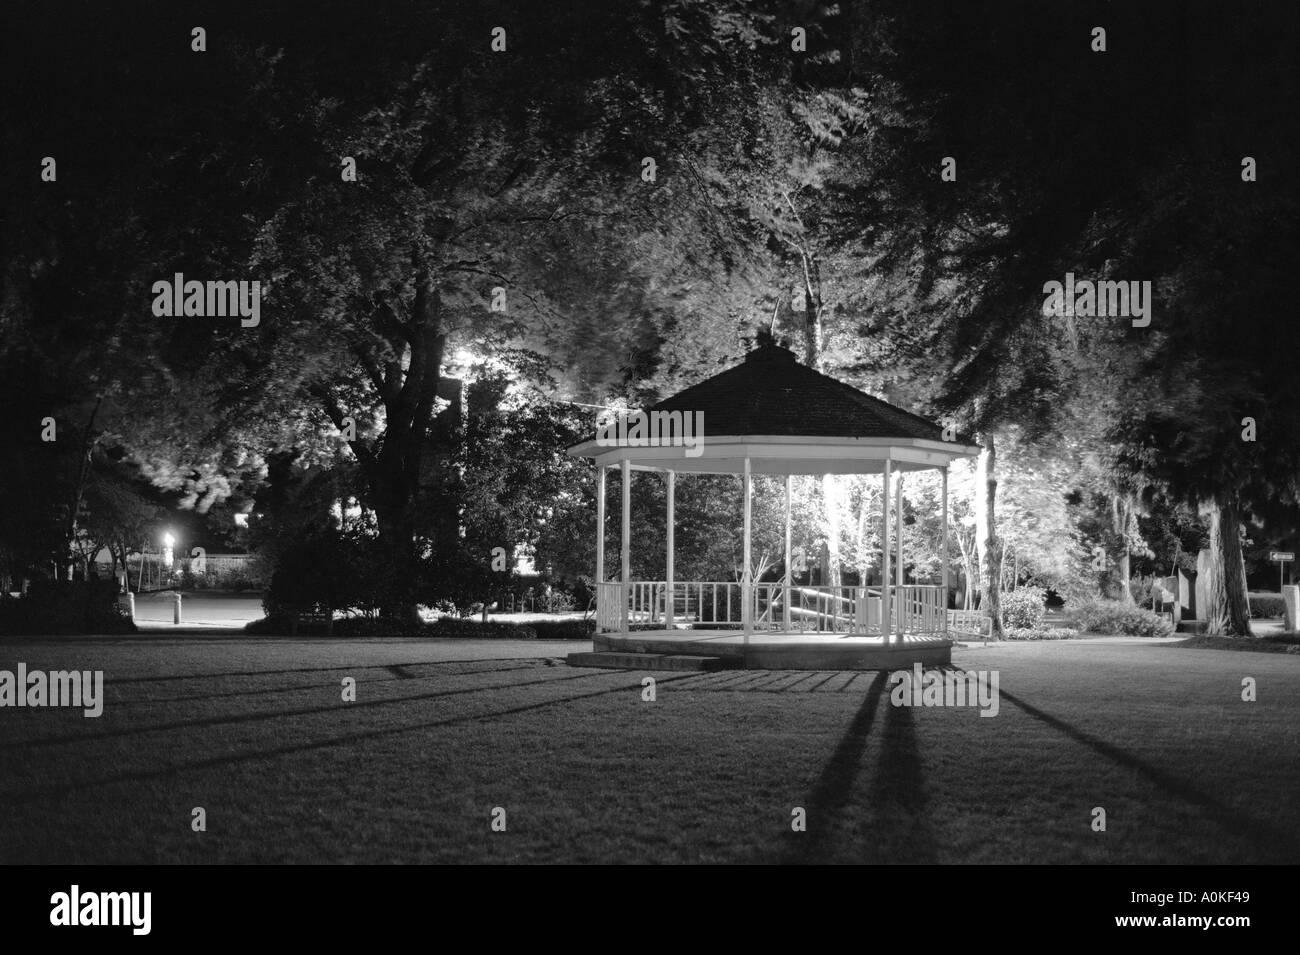 Gazebo at Night - Stock Image